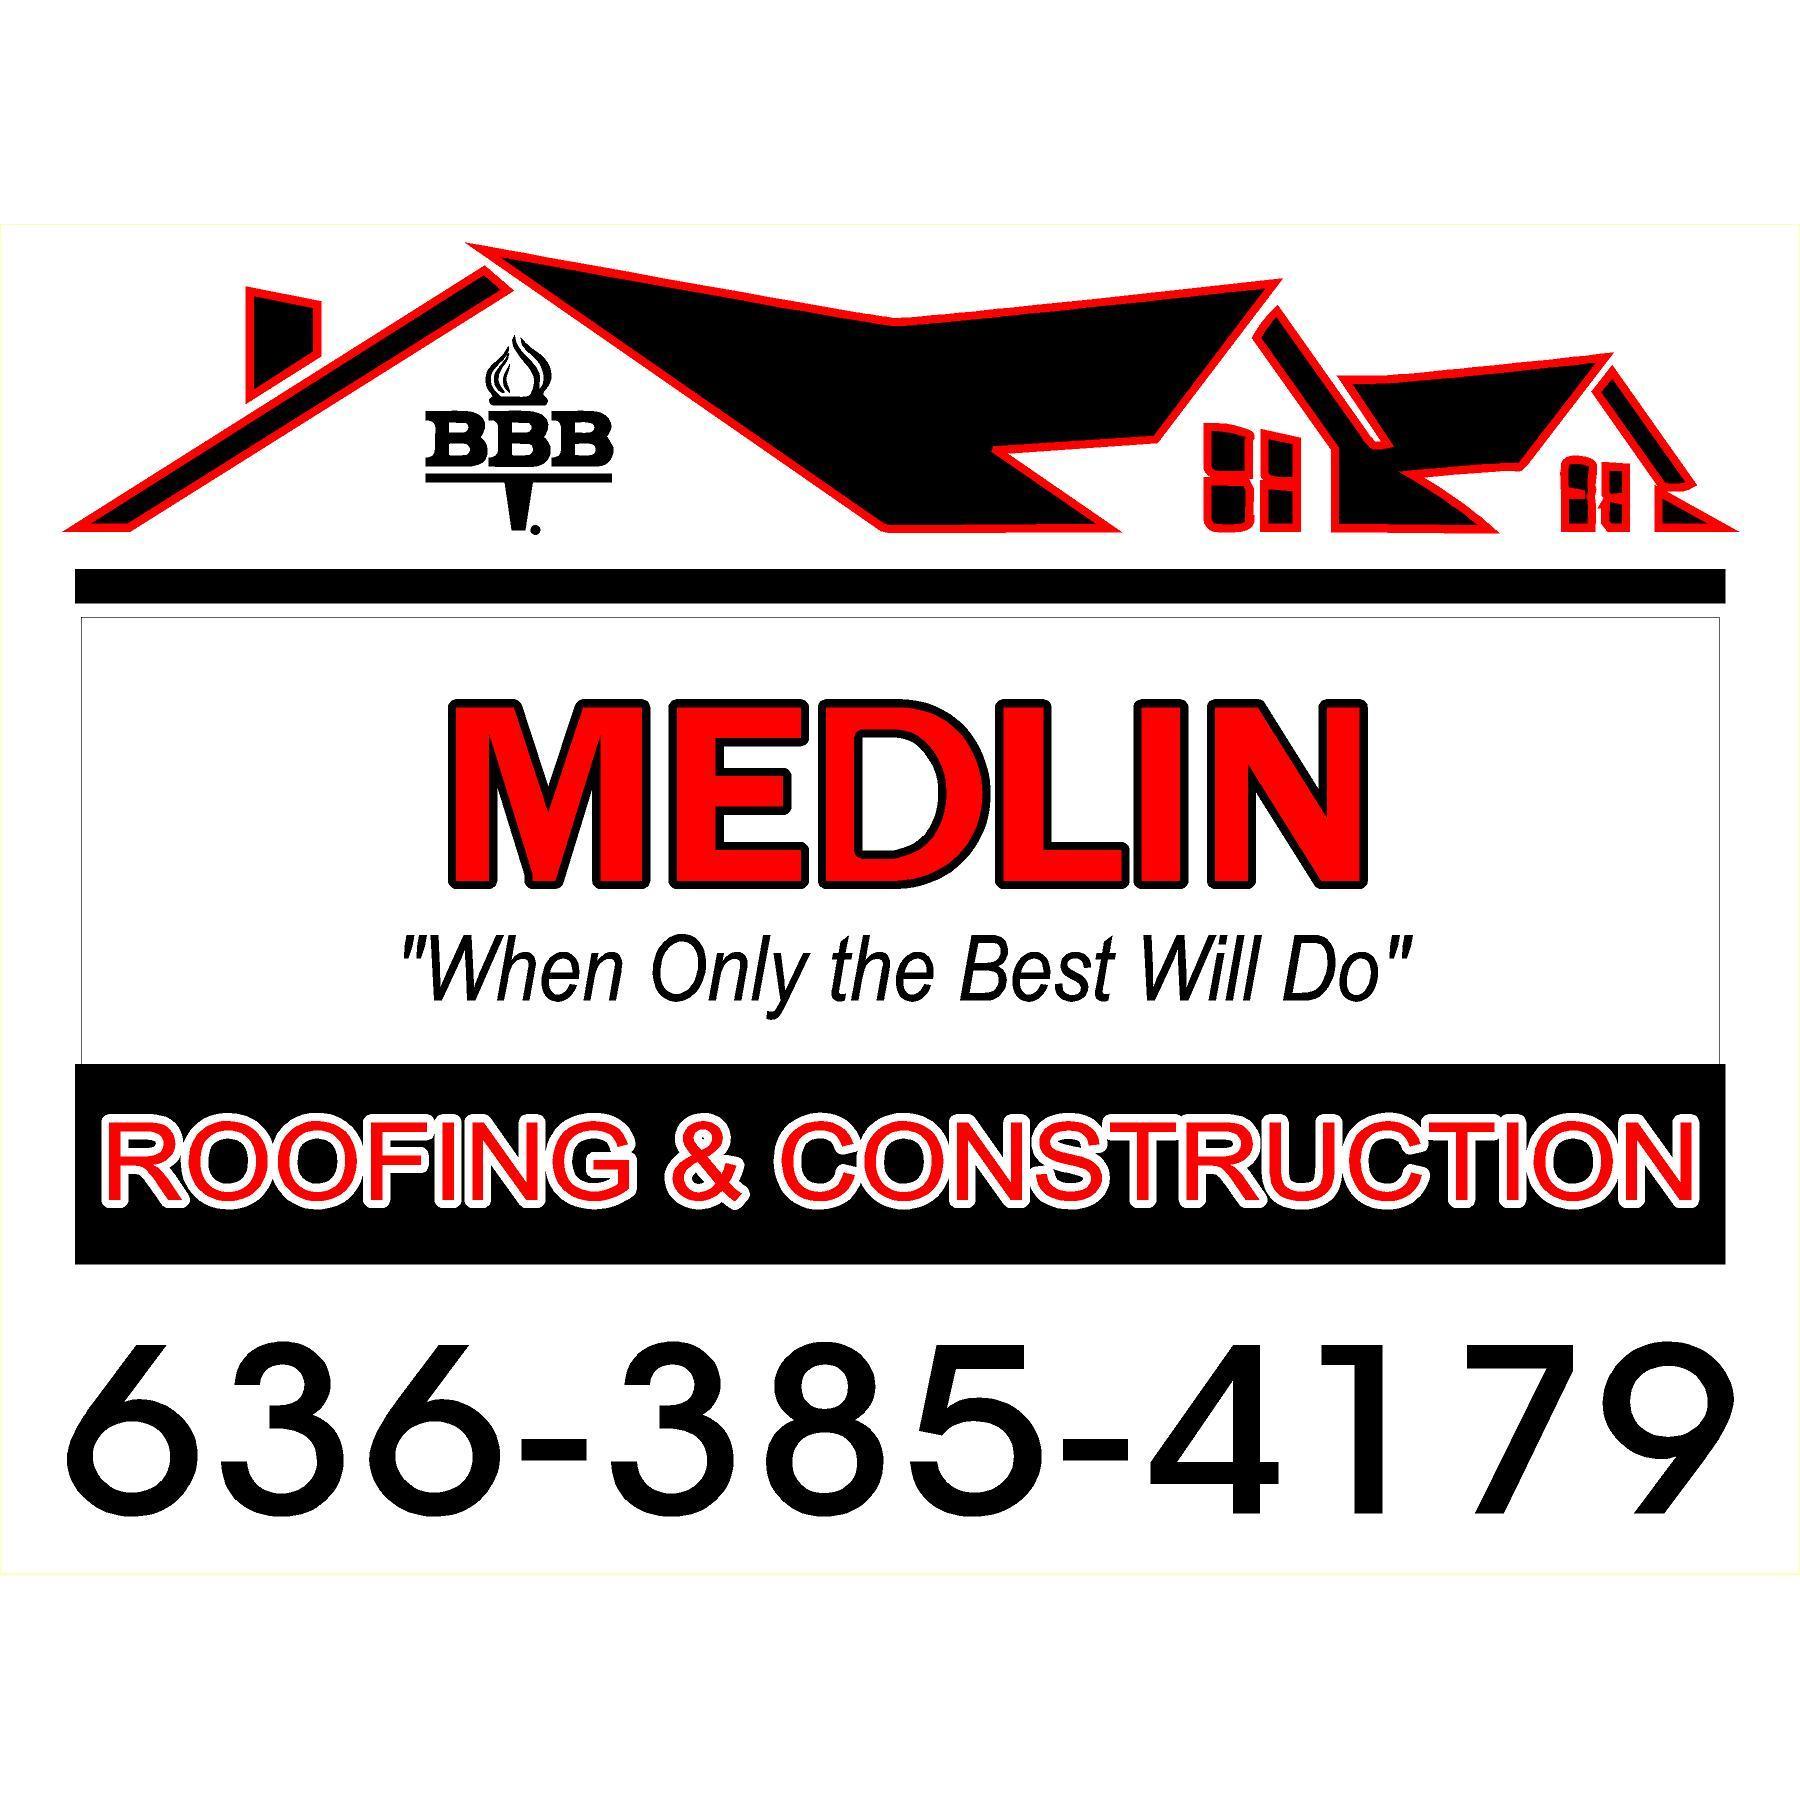 Medlin Roofing & Construction